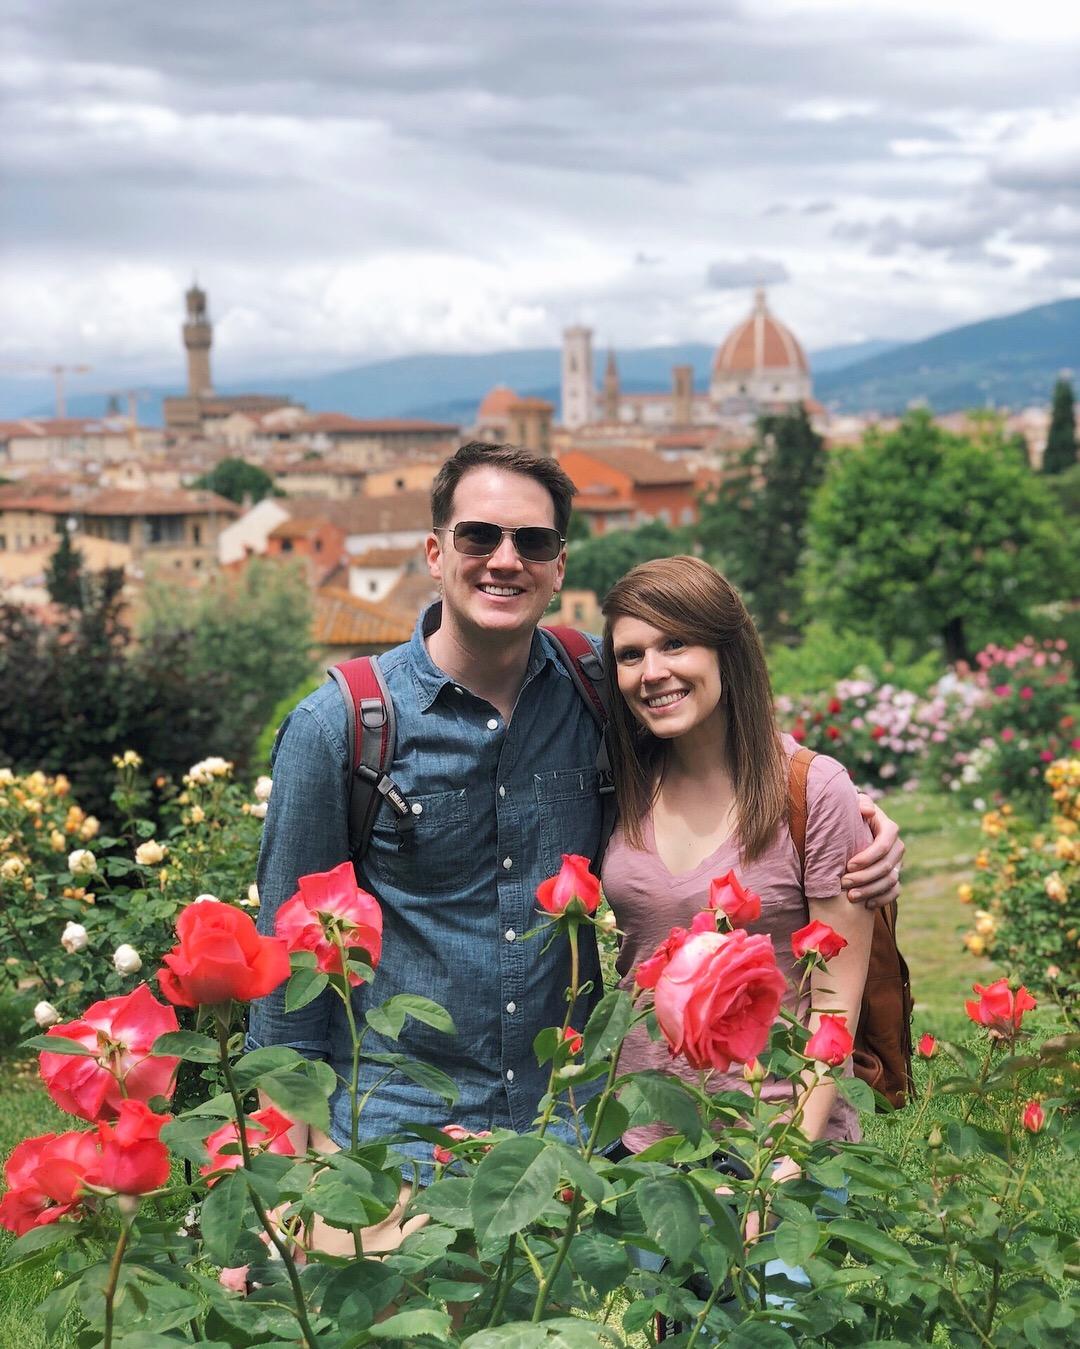 Piazzale Michelangelo's rose garden.